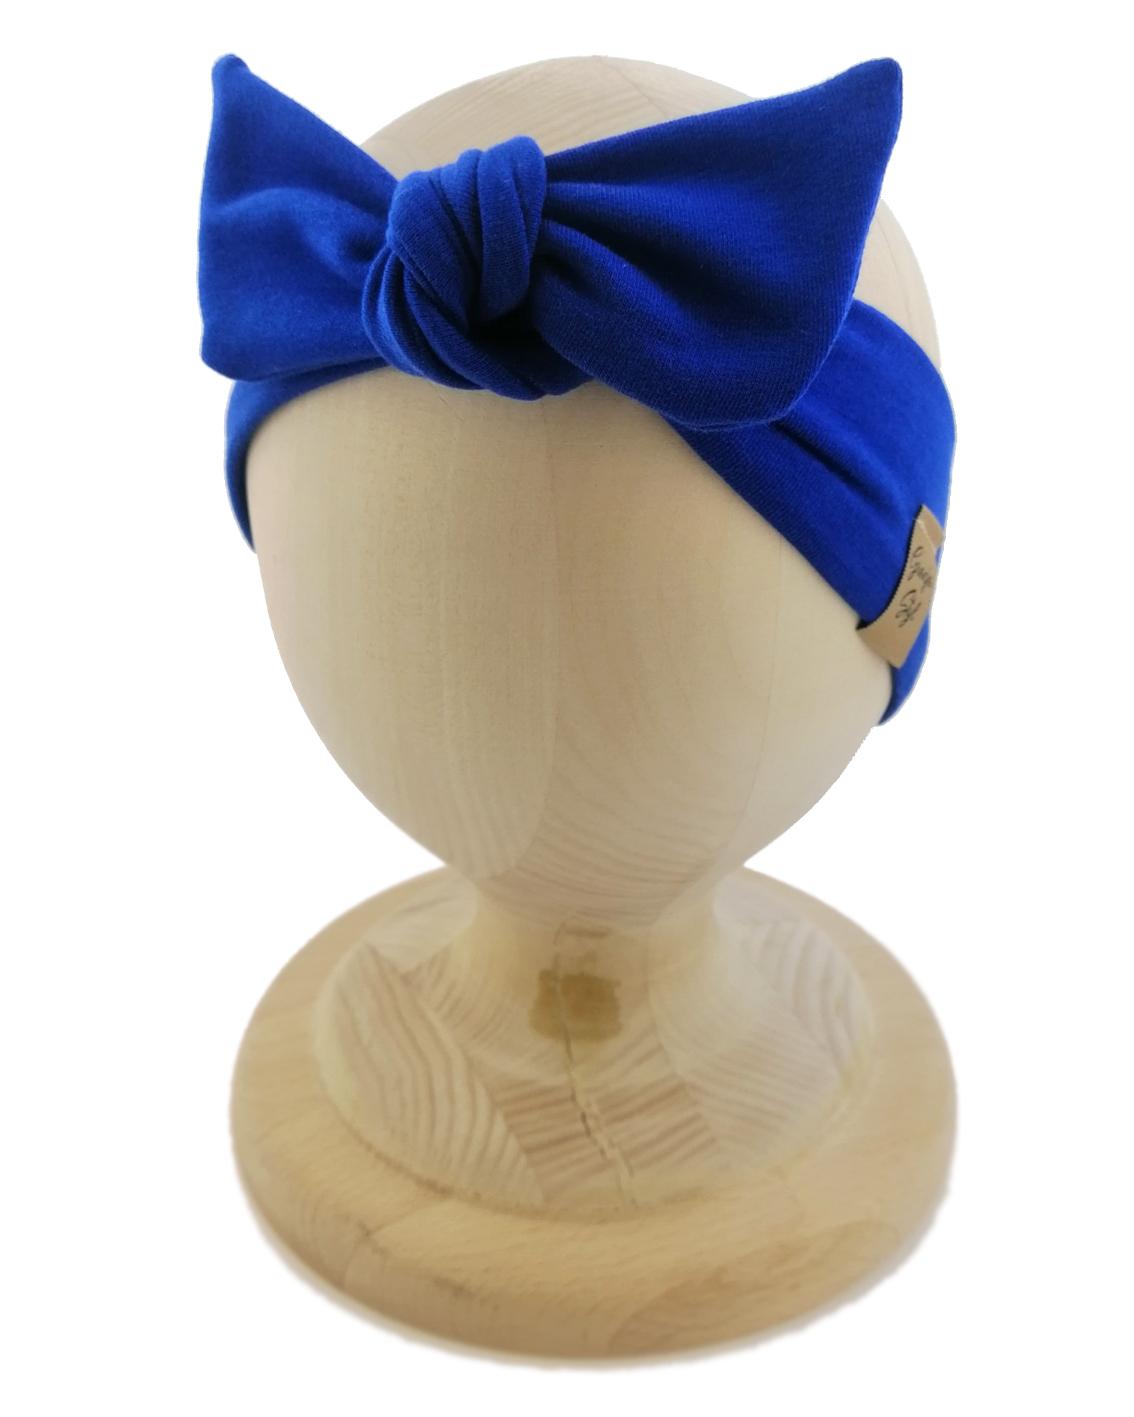 Opaska kobieca typu Pin-up marki Gracja Styl. Uszyta z bawełny petelkowej typu dresówka. Kolor chabrowy.